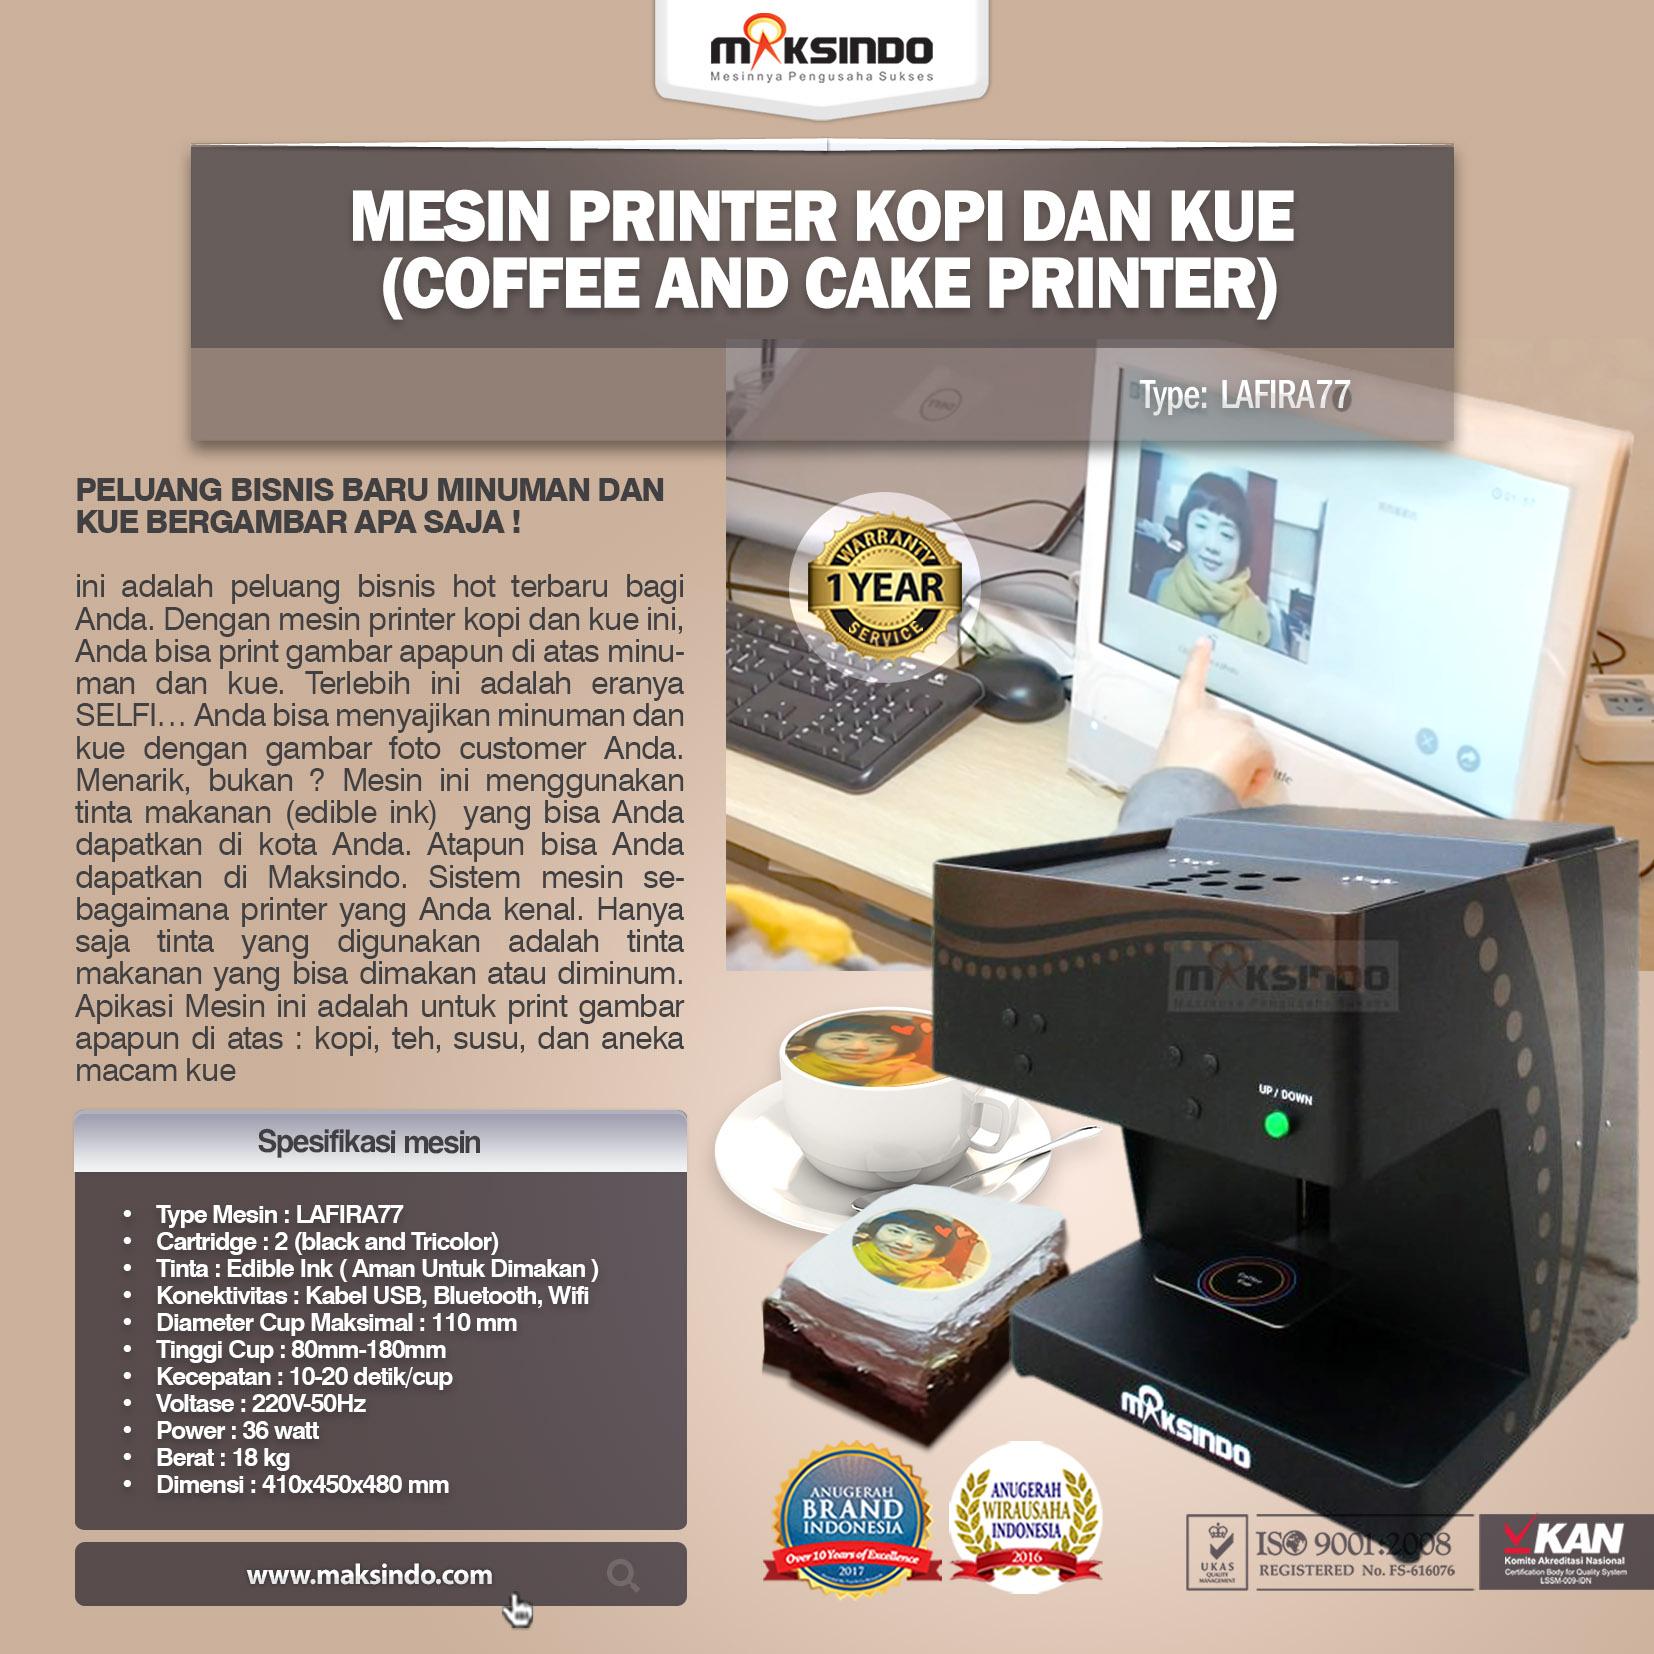 Mesin Printer Kopi dan Kue (Coffee and Cake Printer) LAFIRA77